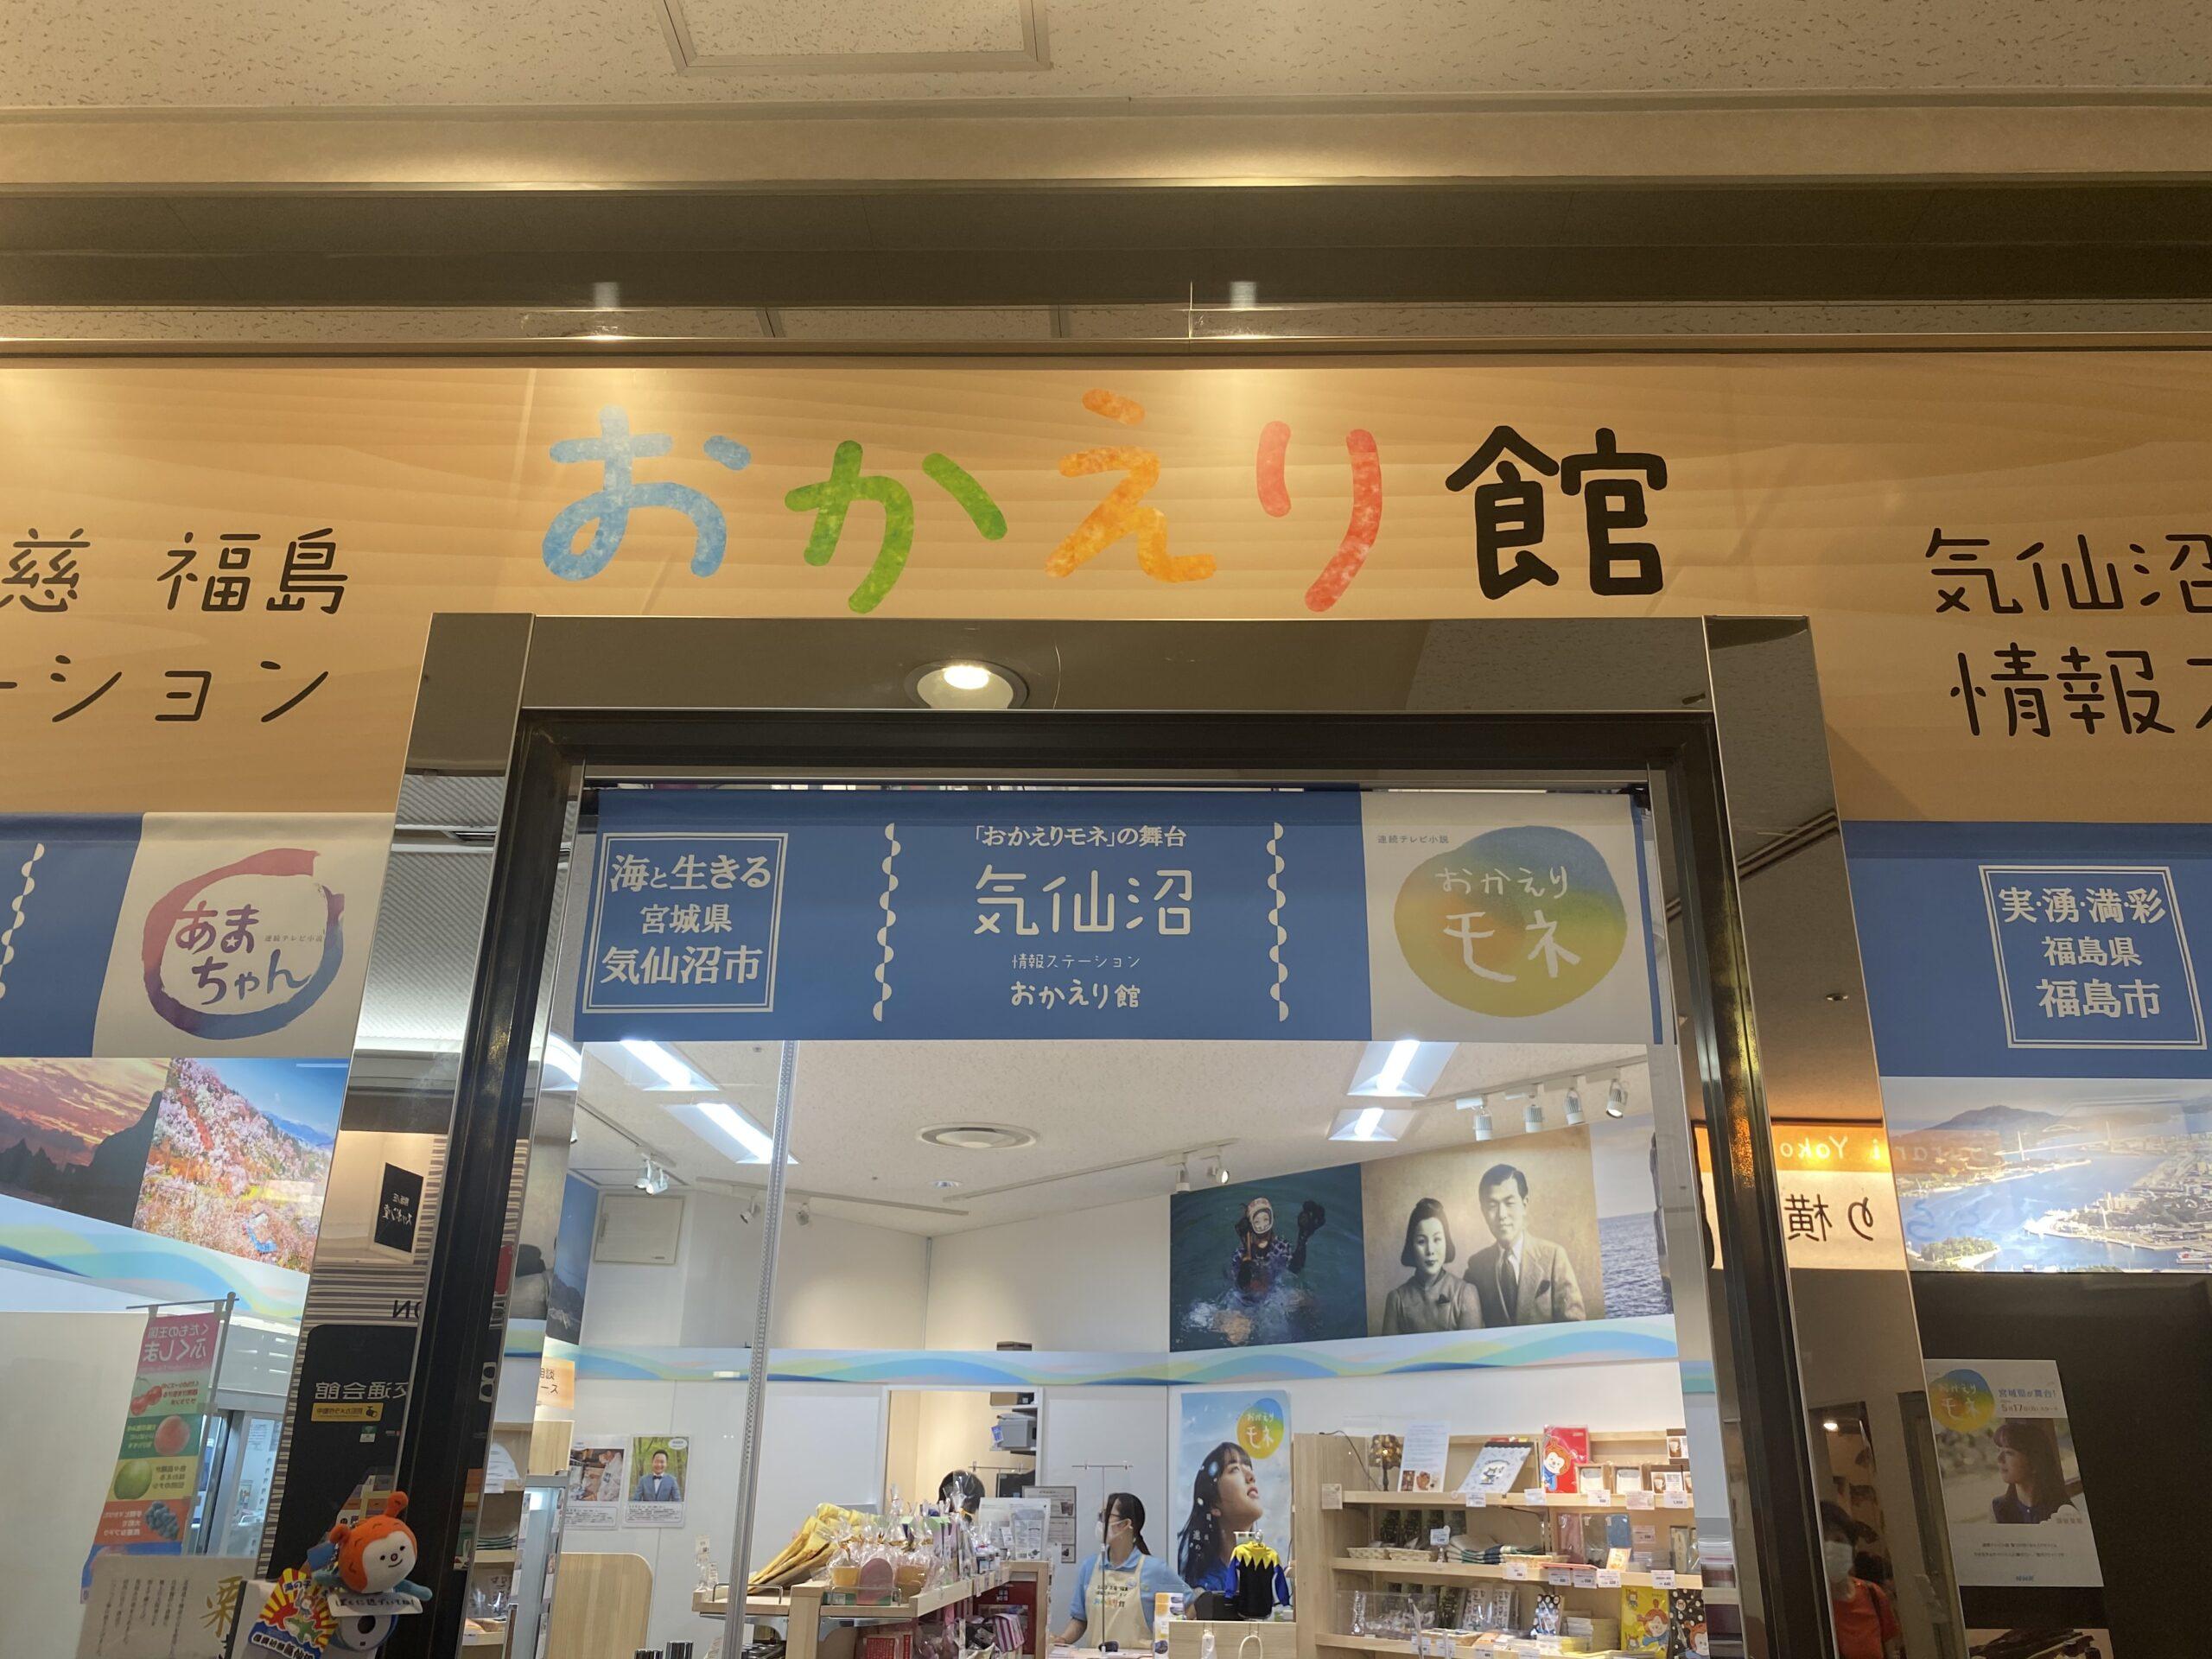 有楽町駅前「おかえり館」オープン!〜気仙沼・久慈・福島の情報ステーション